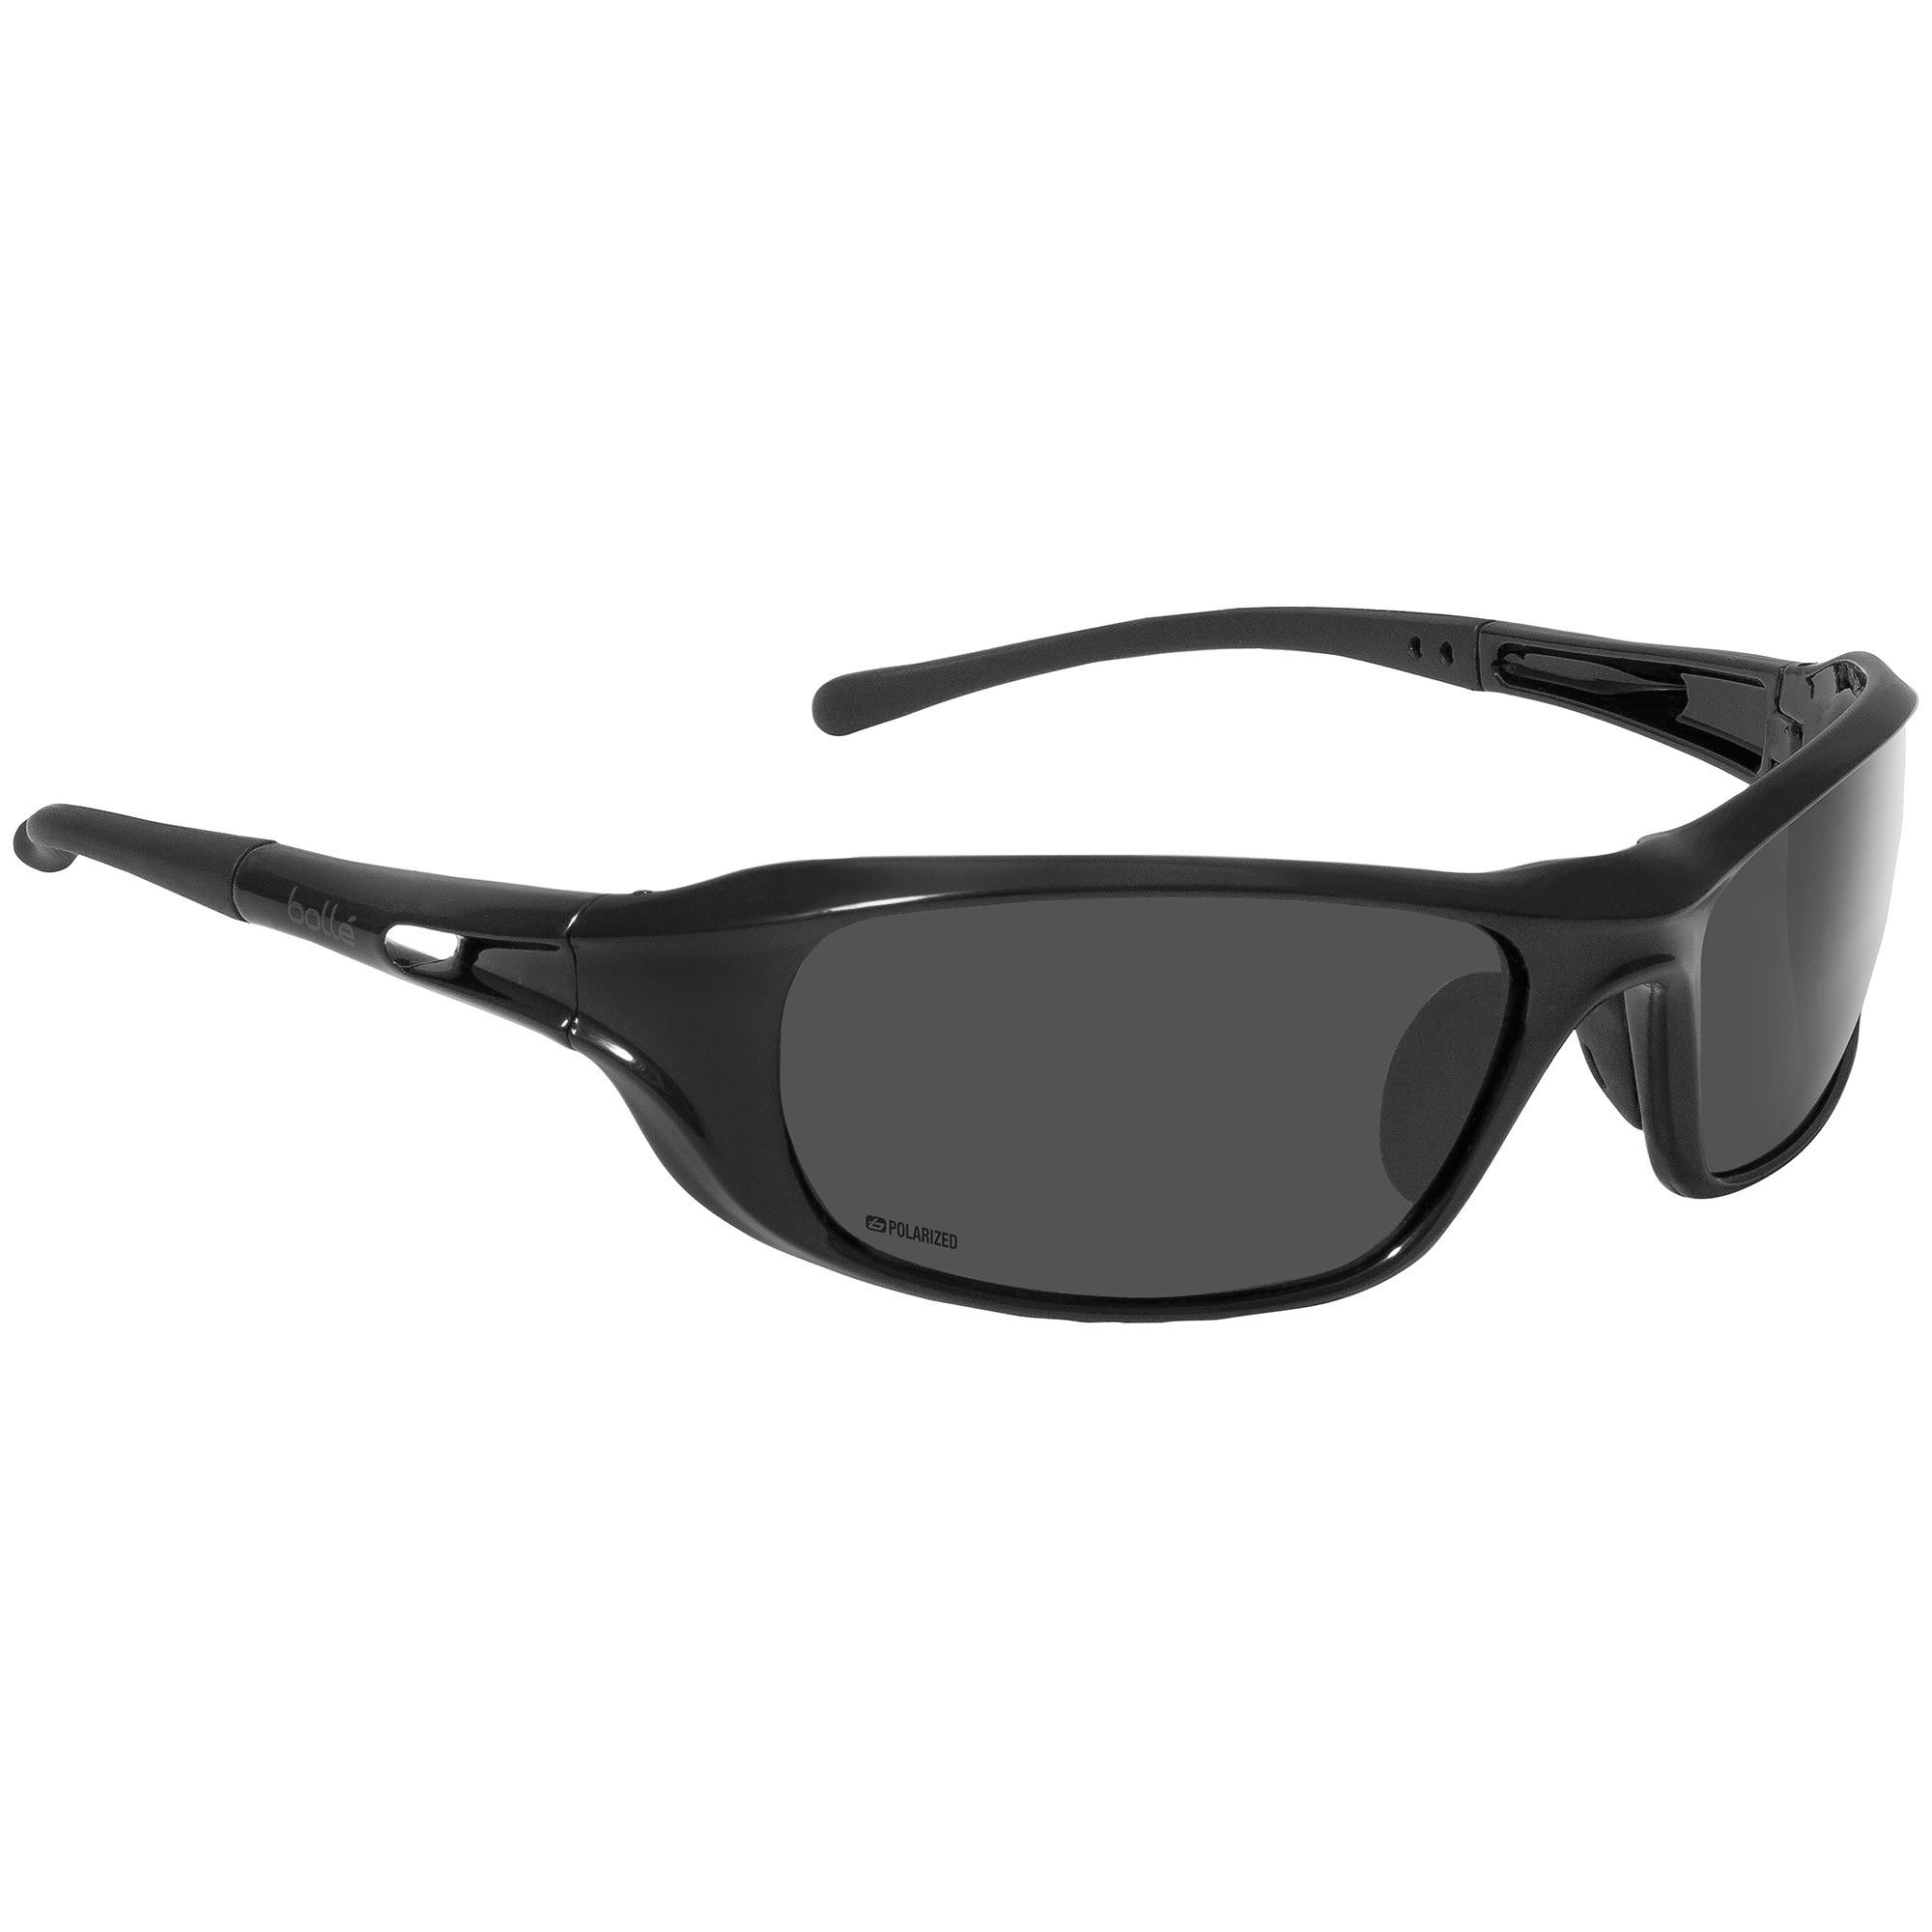 Clip On Sunglasses For Prescription Glasses Canada